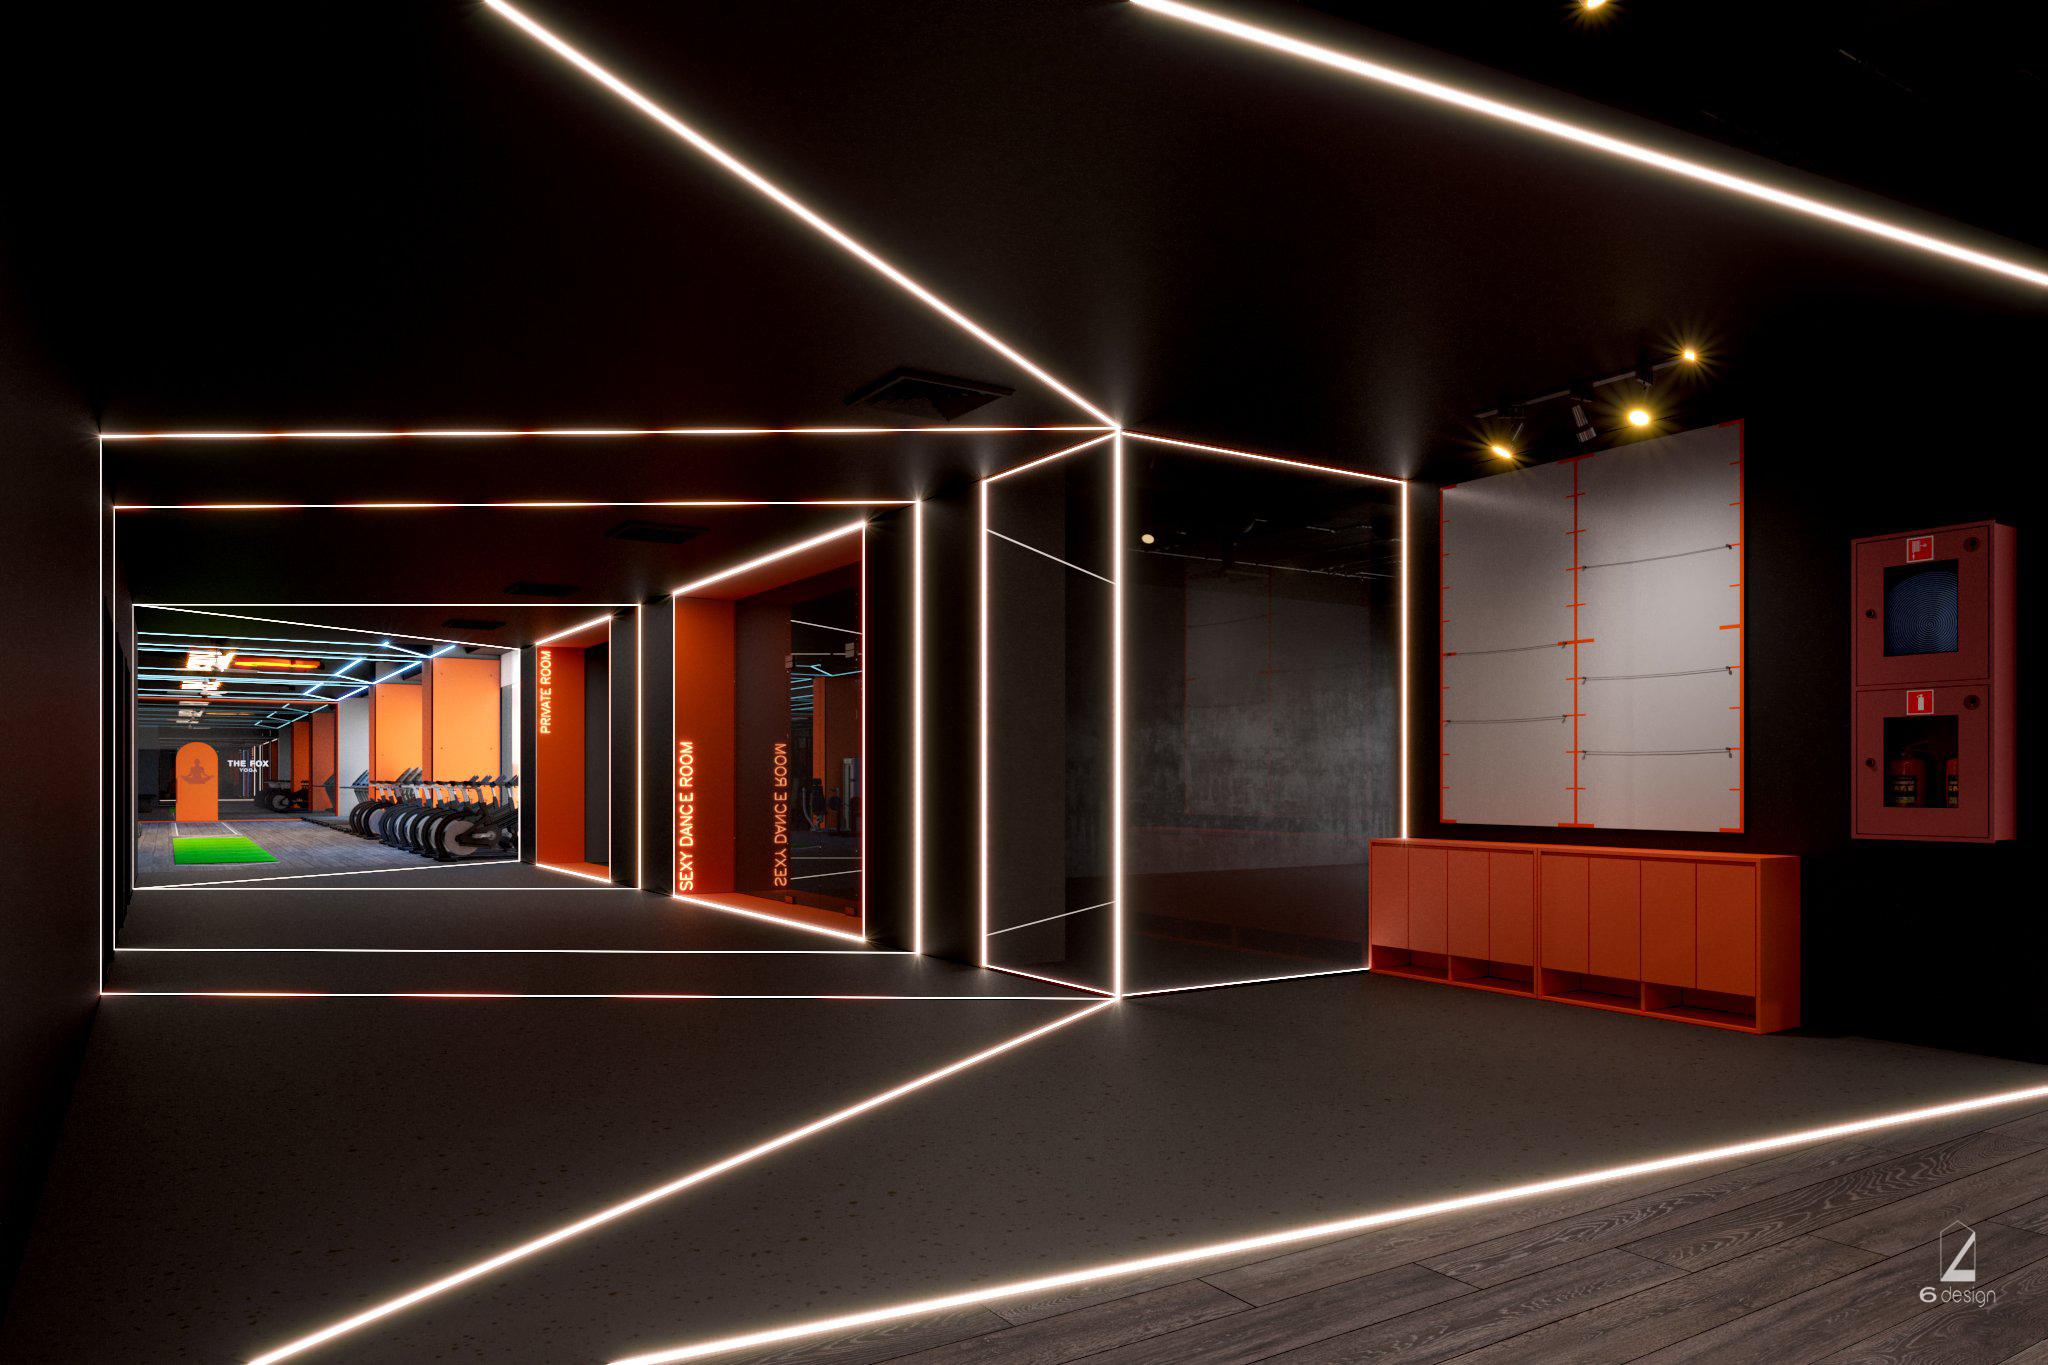 Thiết kế nội thất Công Trình Công Cộng tại Hà Nội THIẾT KẾ NỘI THẤT PHÒNG GYM HÀ ĐÔNG PLUS 1631332914 7